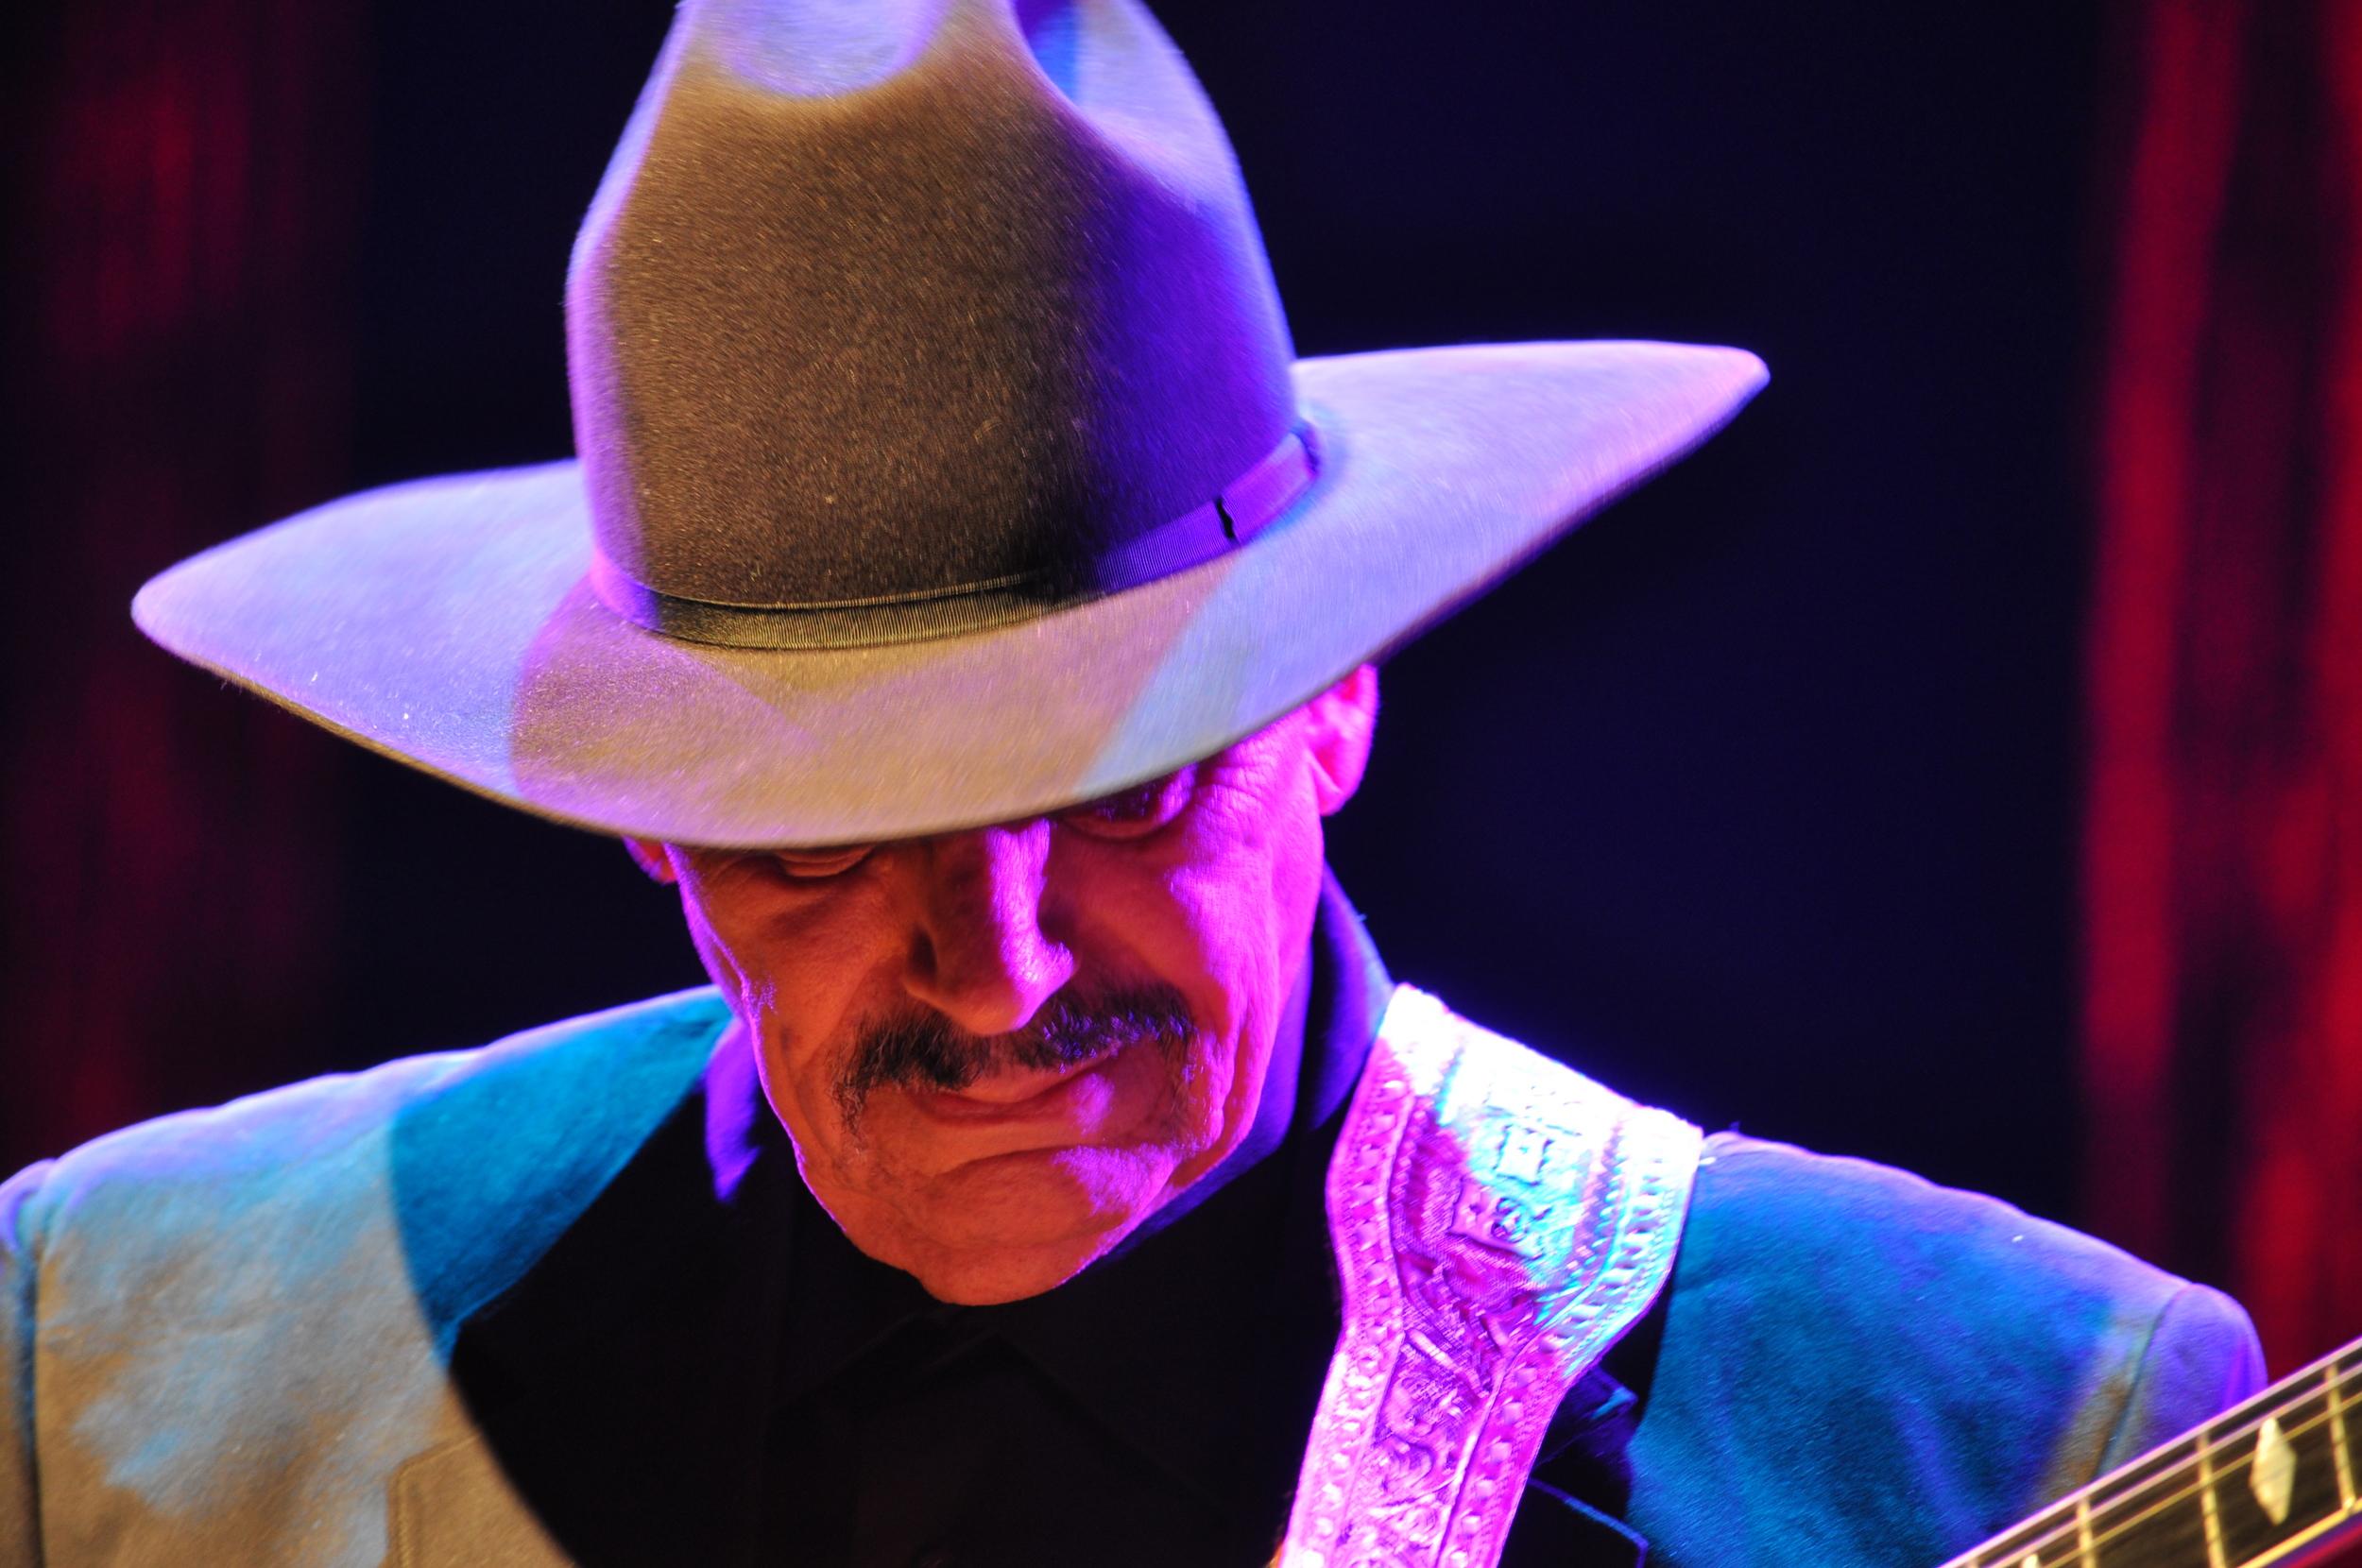 Nokie Edwards Rock Hall Of Fame recipient